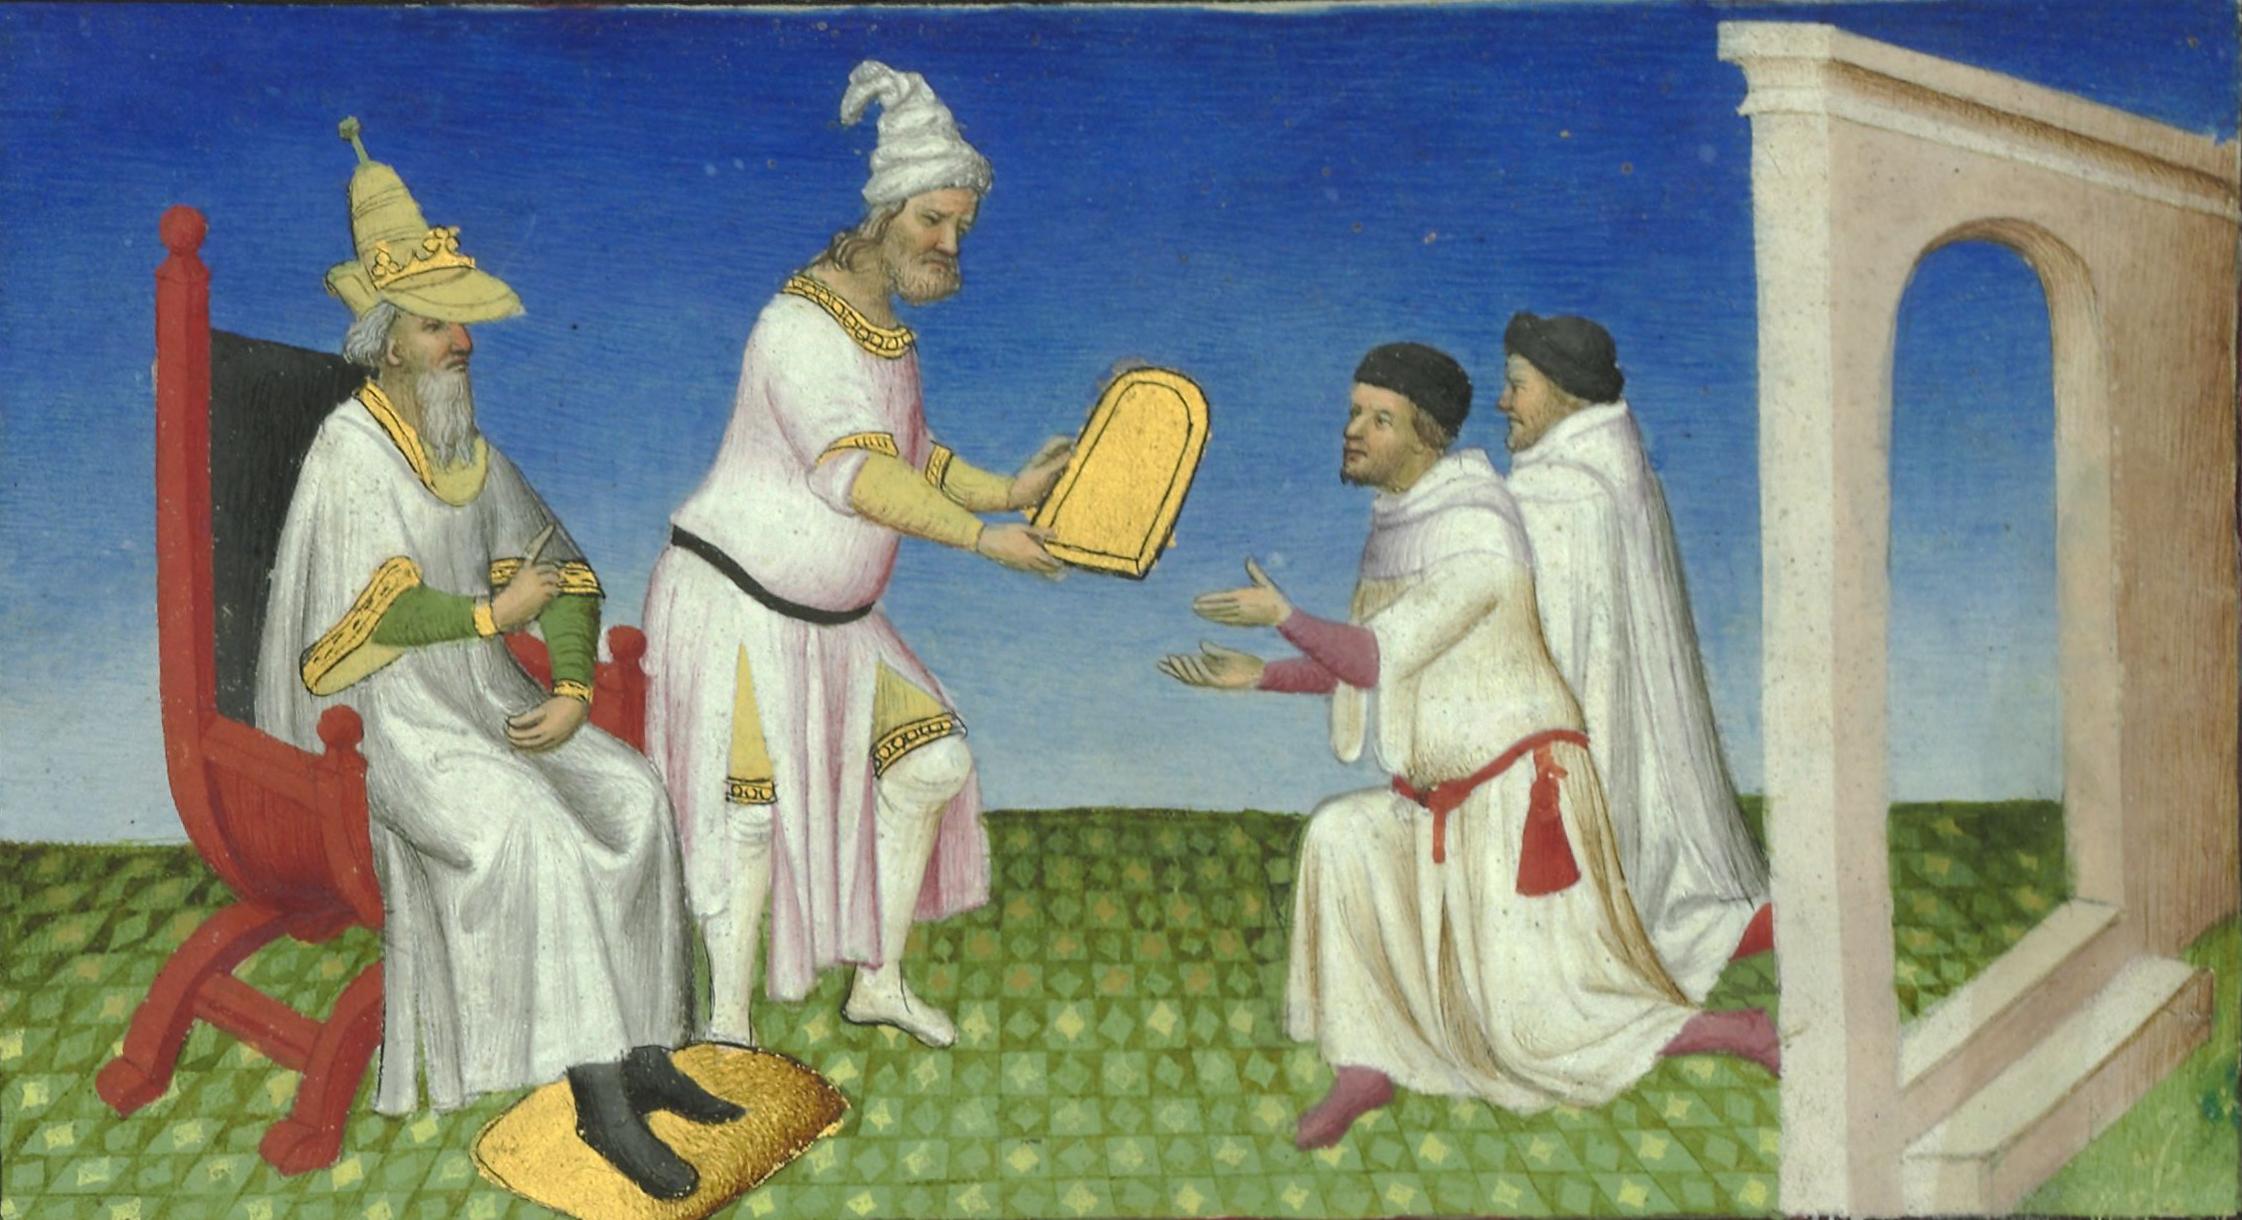 File:Français 2810, fol. 3v, Qubilaï donnant une tablette aux Polo.jpeg